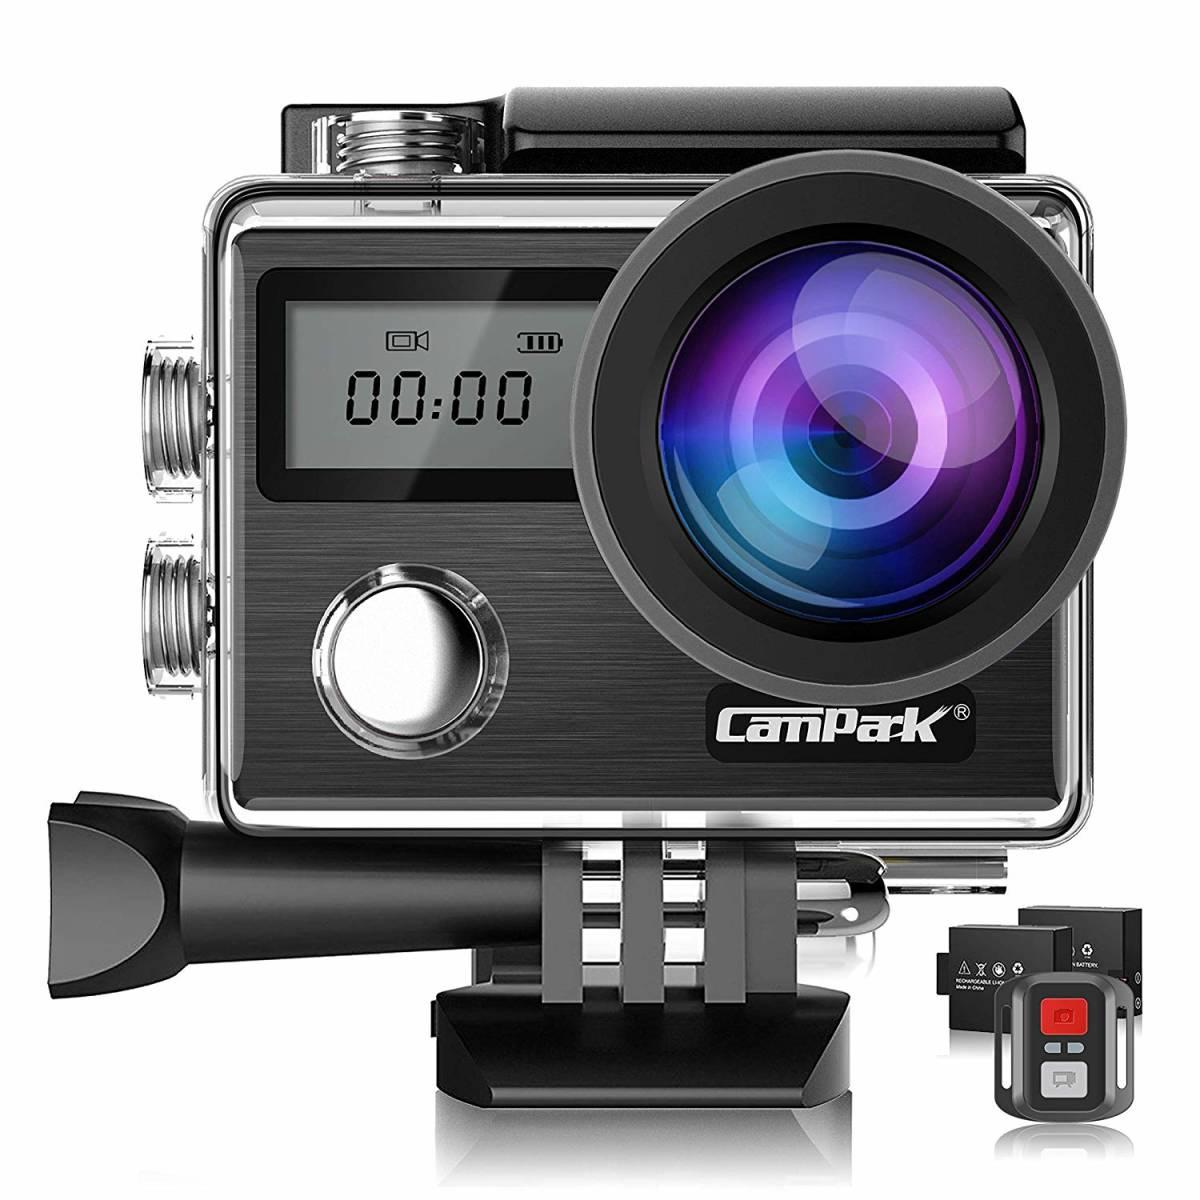 【新型】Campark X20 アクションカメラ 4K高画質 2000万画素 2インチタッチスクリーン HDMI出力30M防水 EIS手ブレ補正 WiFi搭載 170度広角